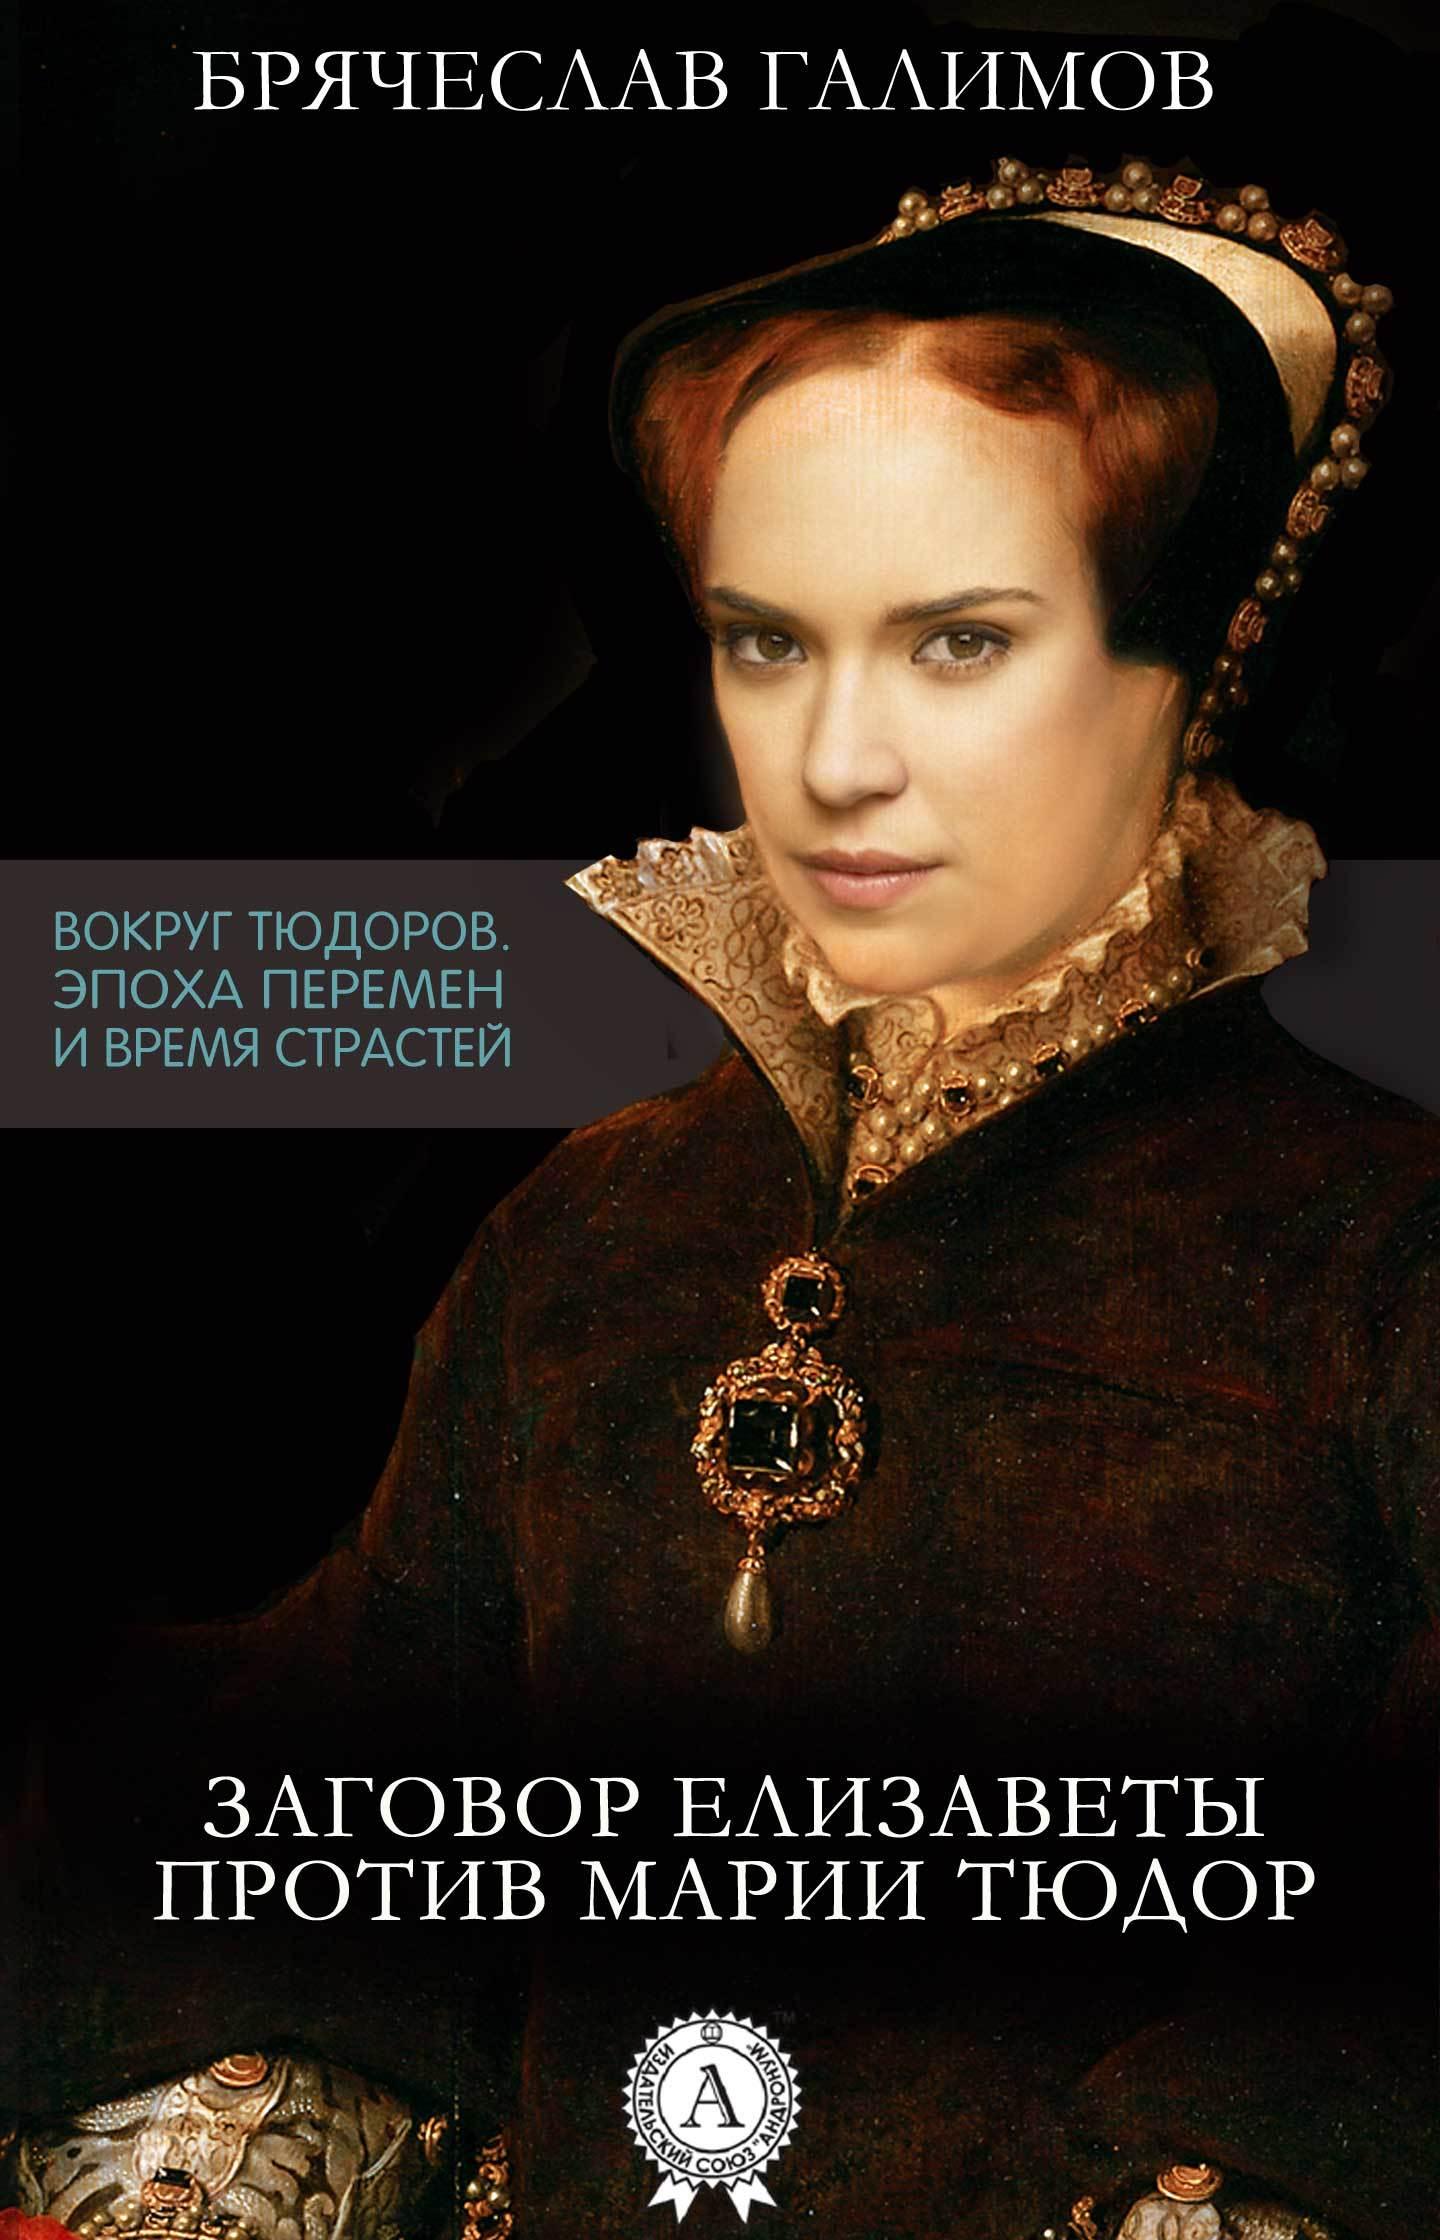 Галимов Брячеслав Заговор Елизаветы против ее сестры Марии Тюдор ольга дмитриева елизавета тюдор